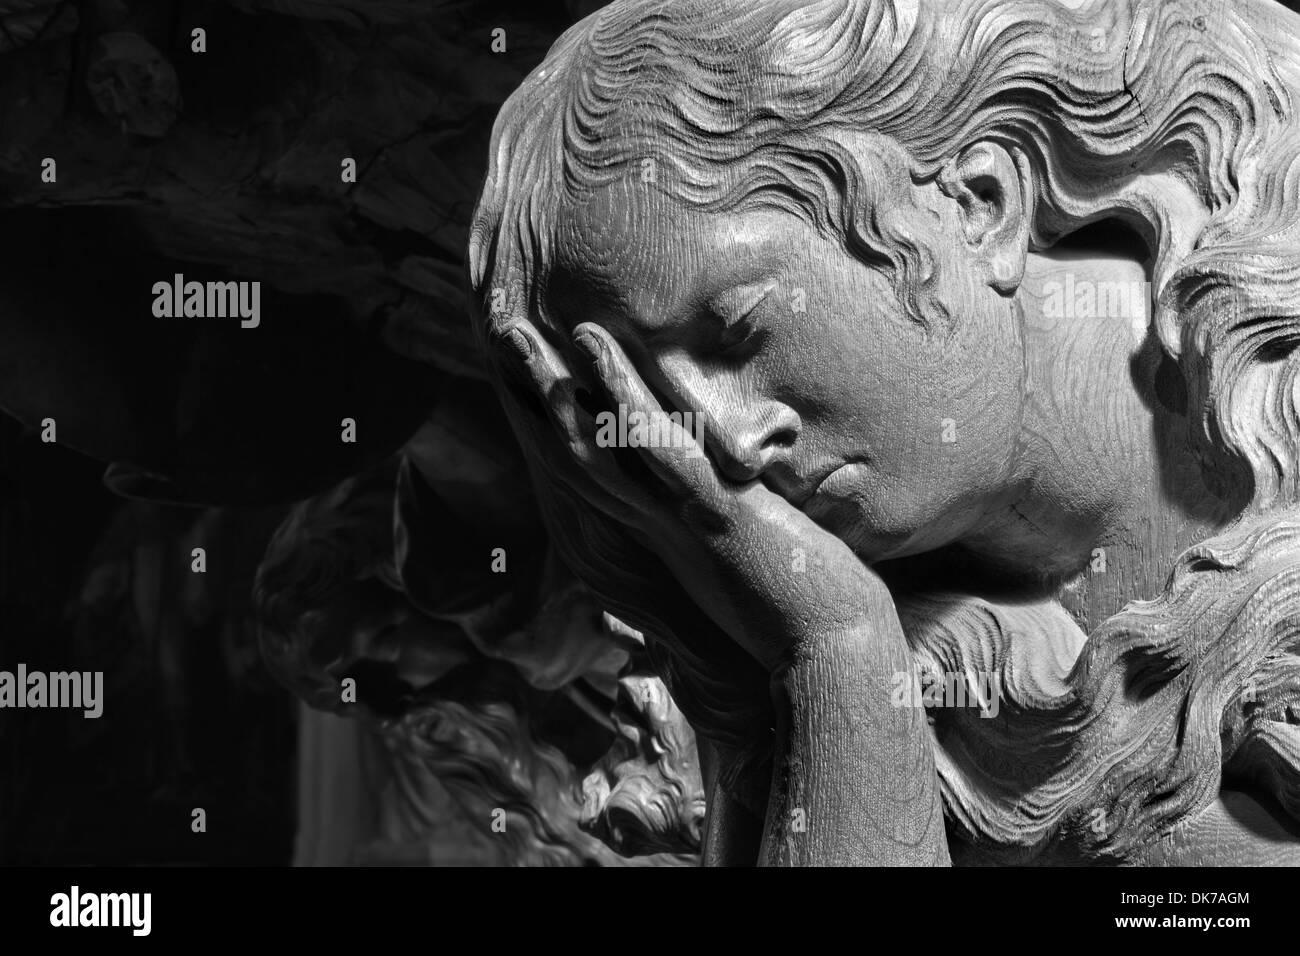 MECHELEN - SEPTEMBER 4: Carved relief of cried angel in Onze-Lieve-Vrouw-va n-Hanswijkbasiliek church - Stock Image